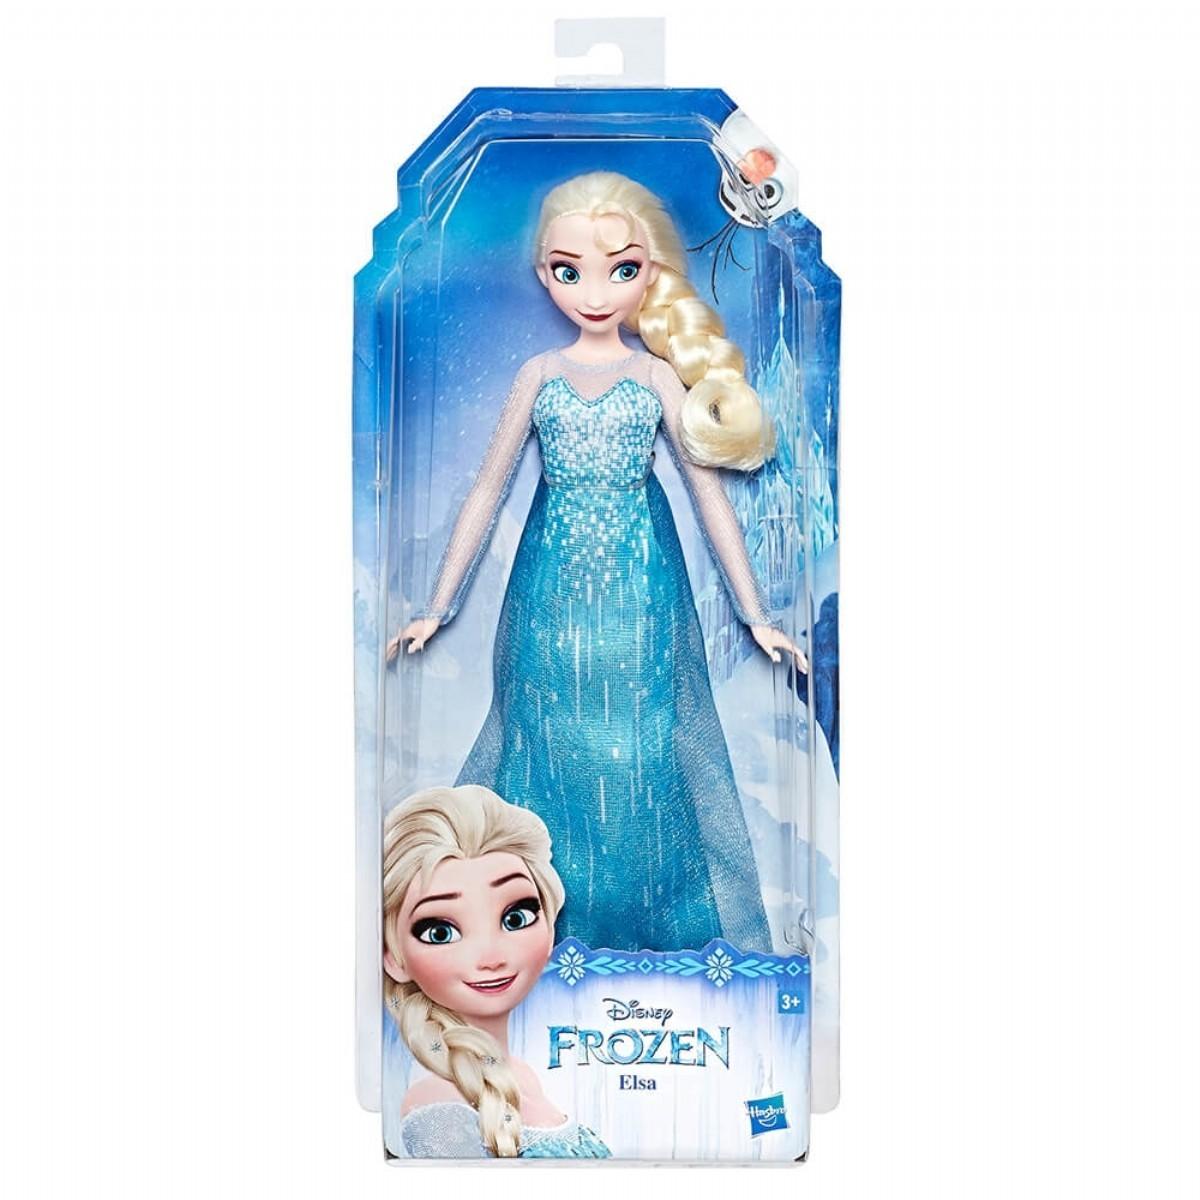 disney frozen elsa anna e0315 e0316 diger karakterler figurler karakterler toolstoy